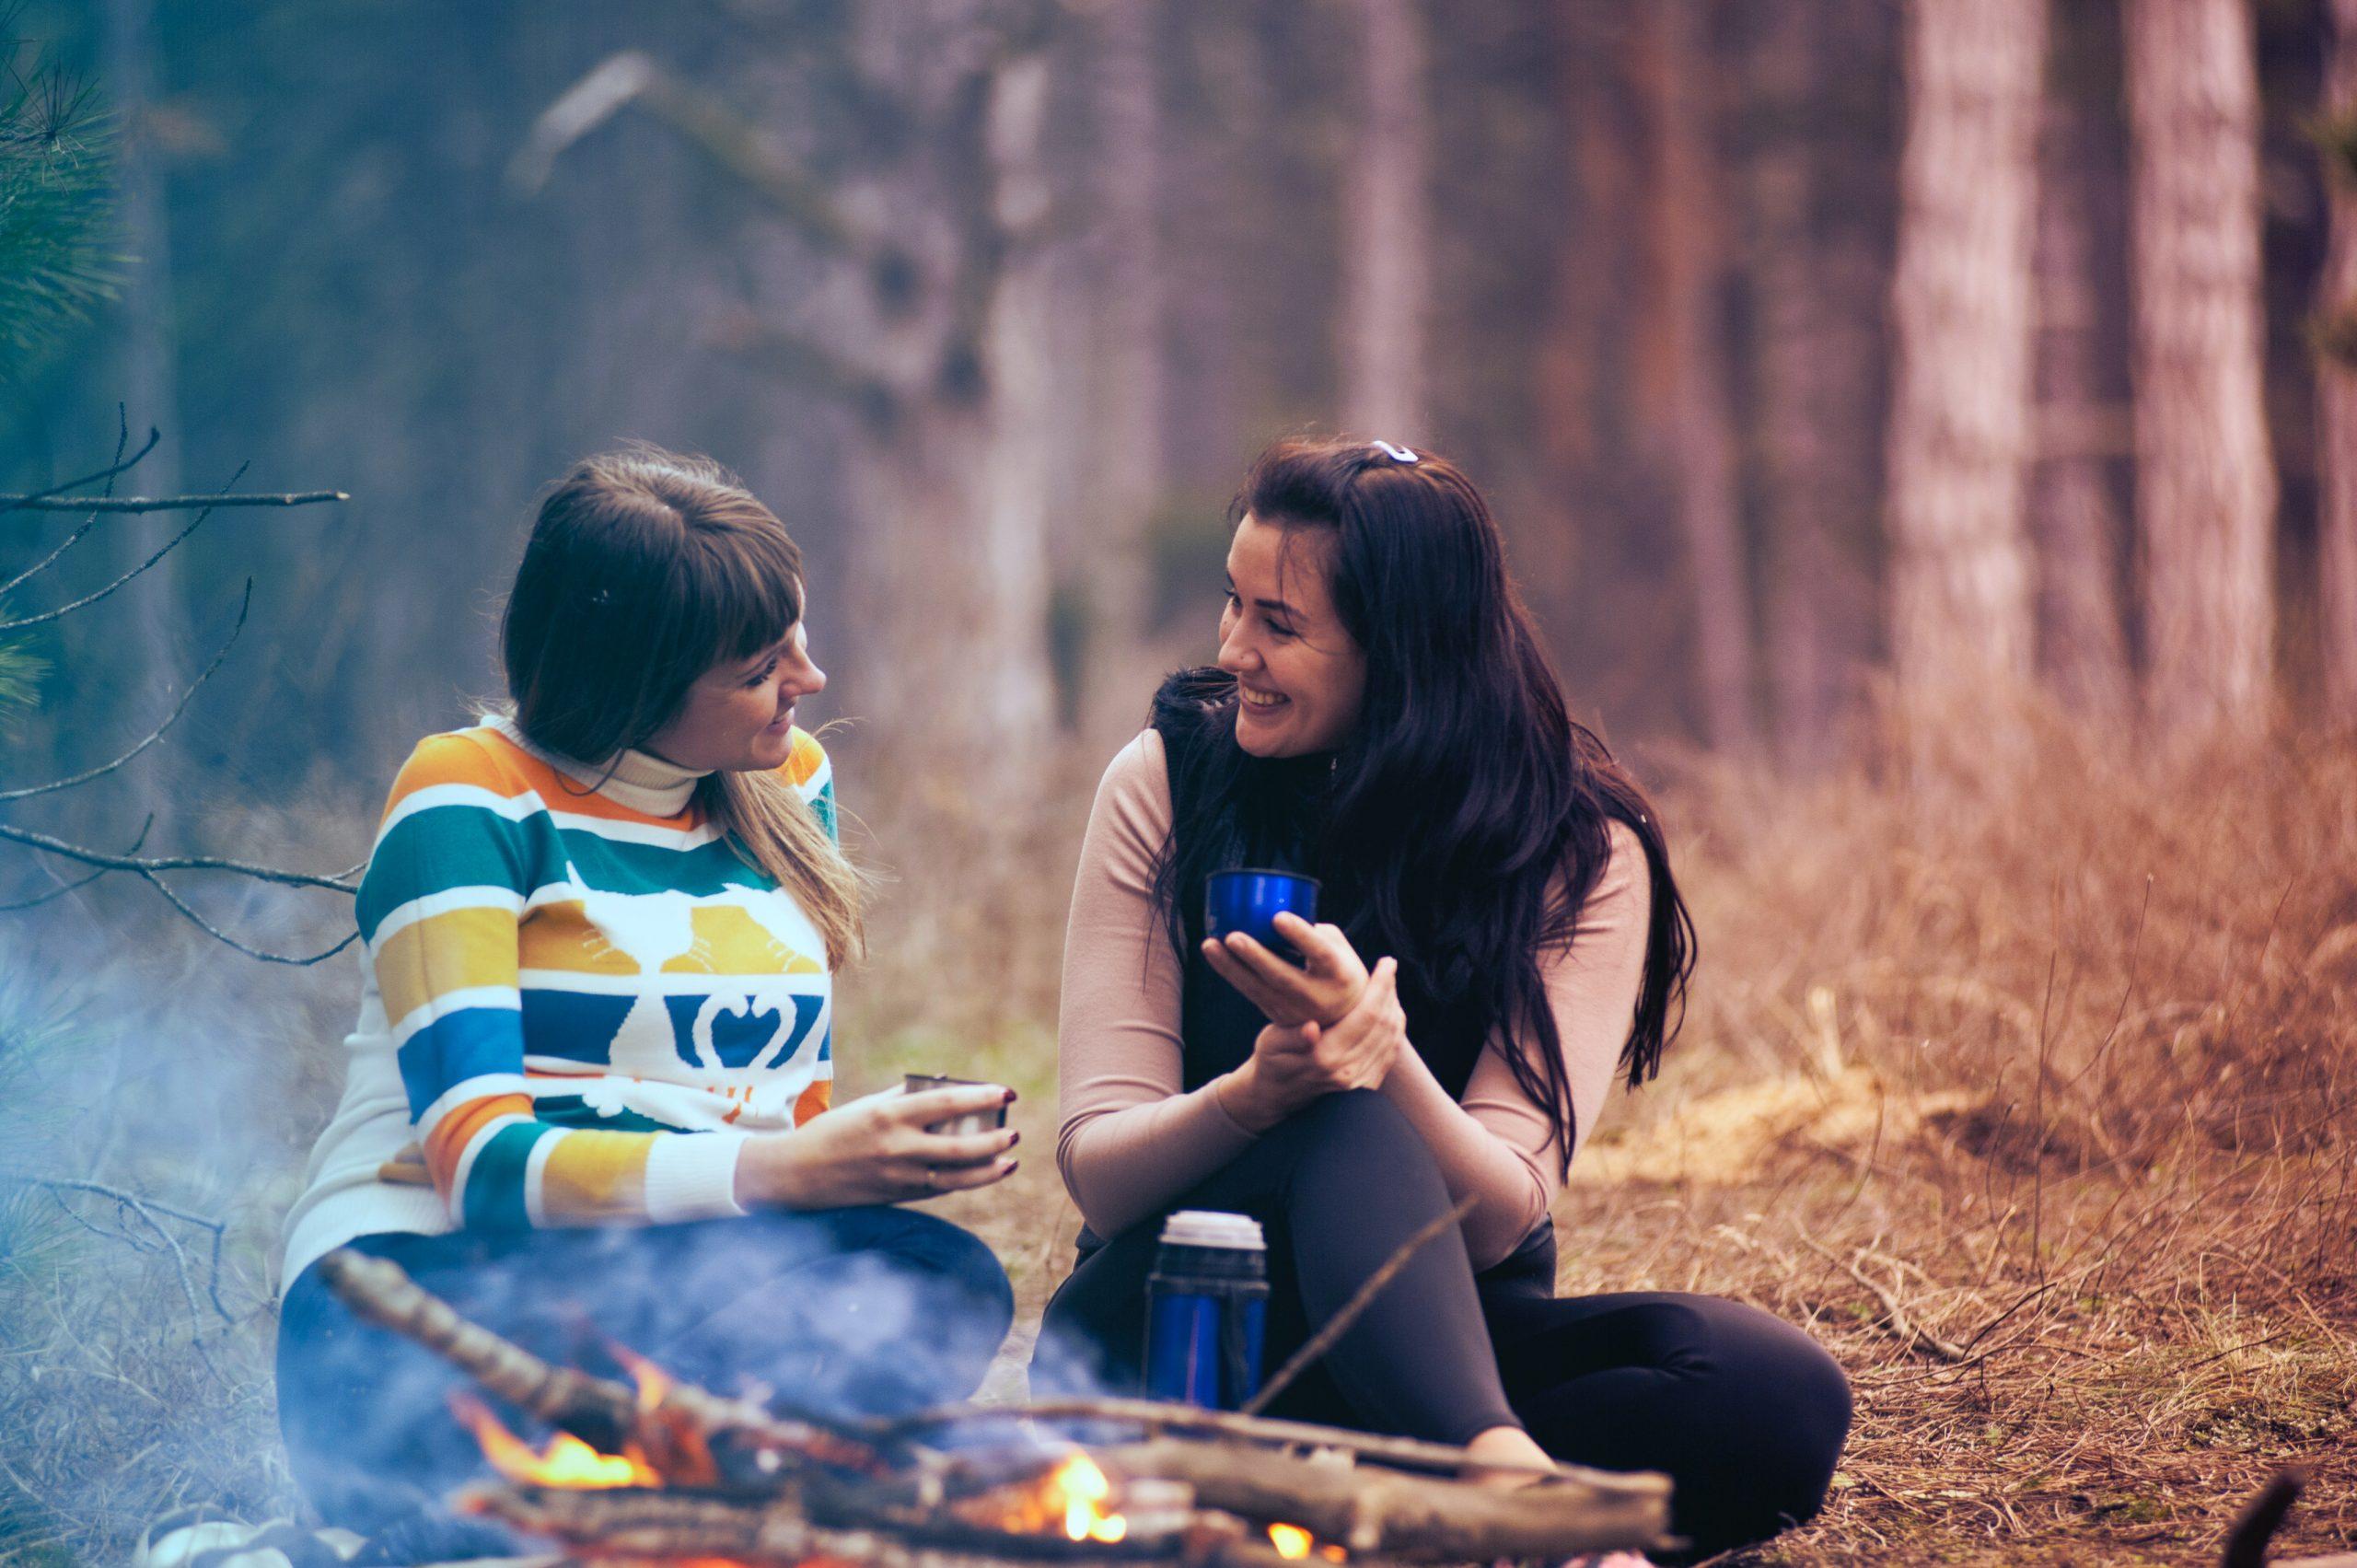 Par de amigas conversando en medio del bosque con un café en la mano